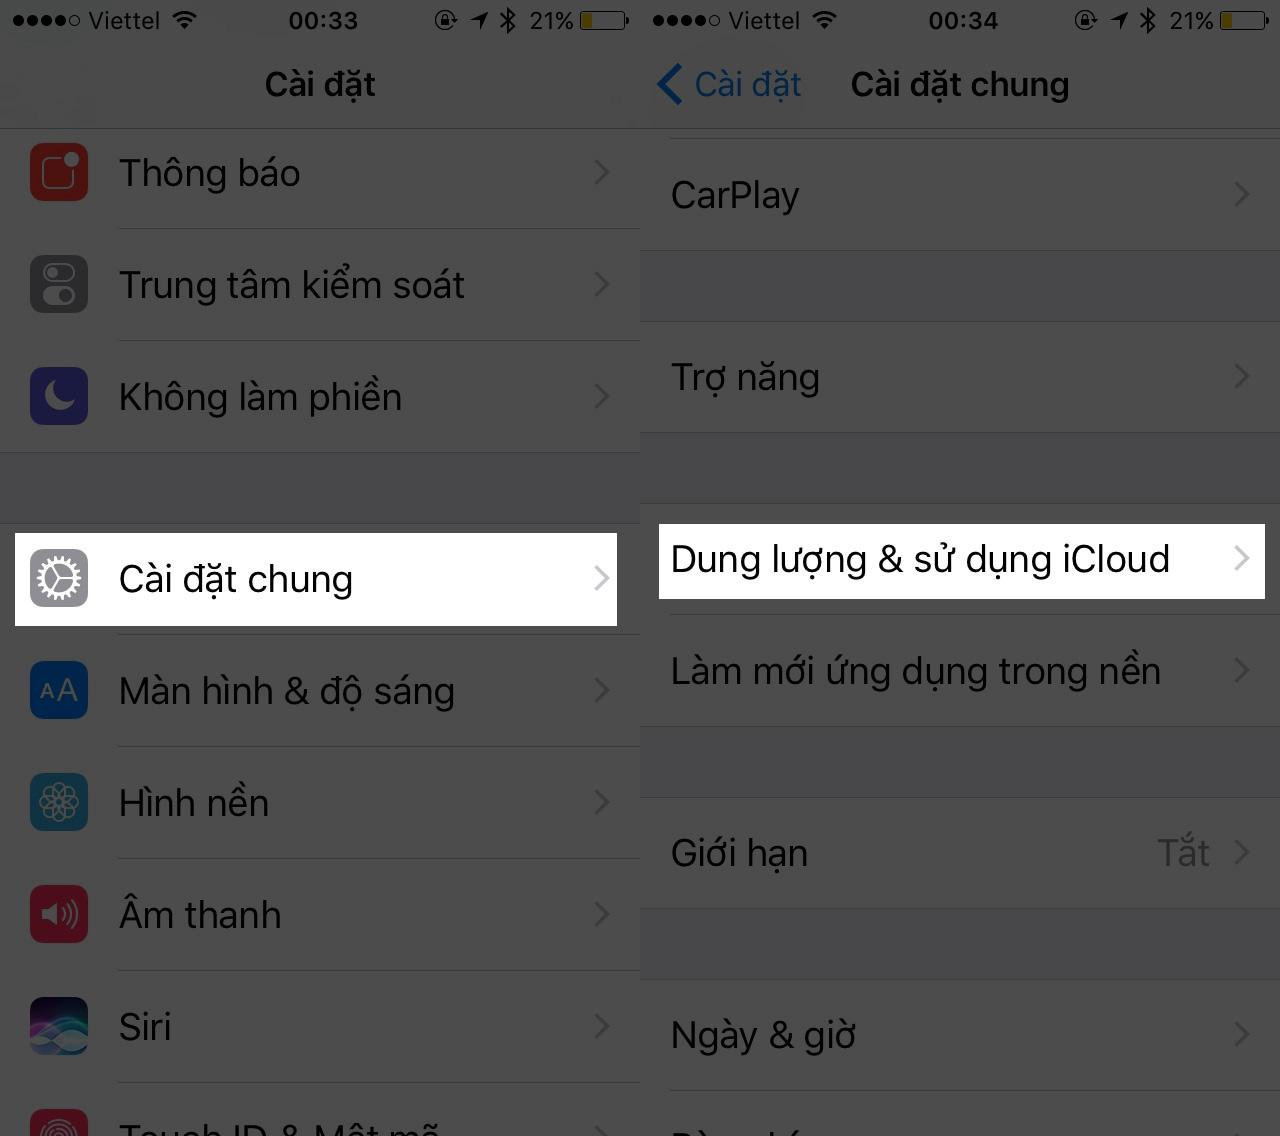 Tại mục iCloud, bạn chọn Quản lý dung lượng \u003e Thay đổi gói dung lượng để xác định đúng gói dung lượng nên dùng.